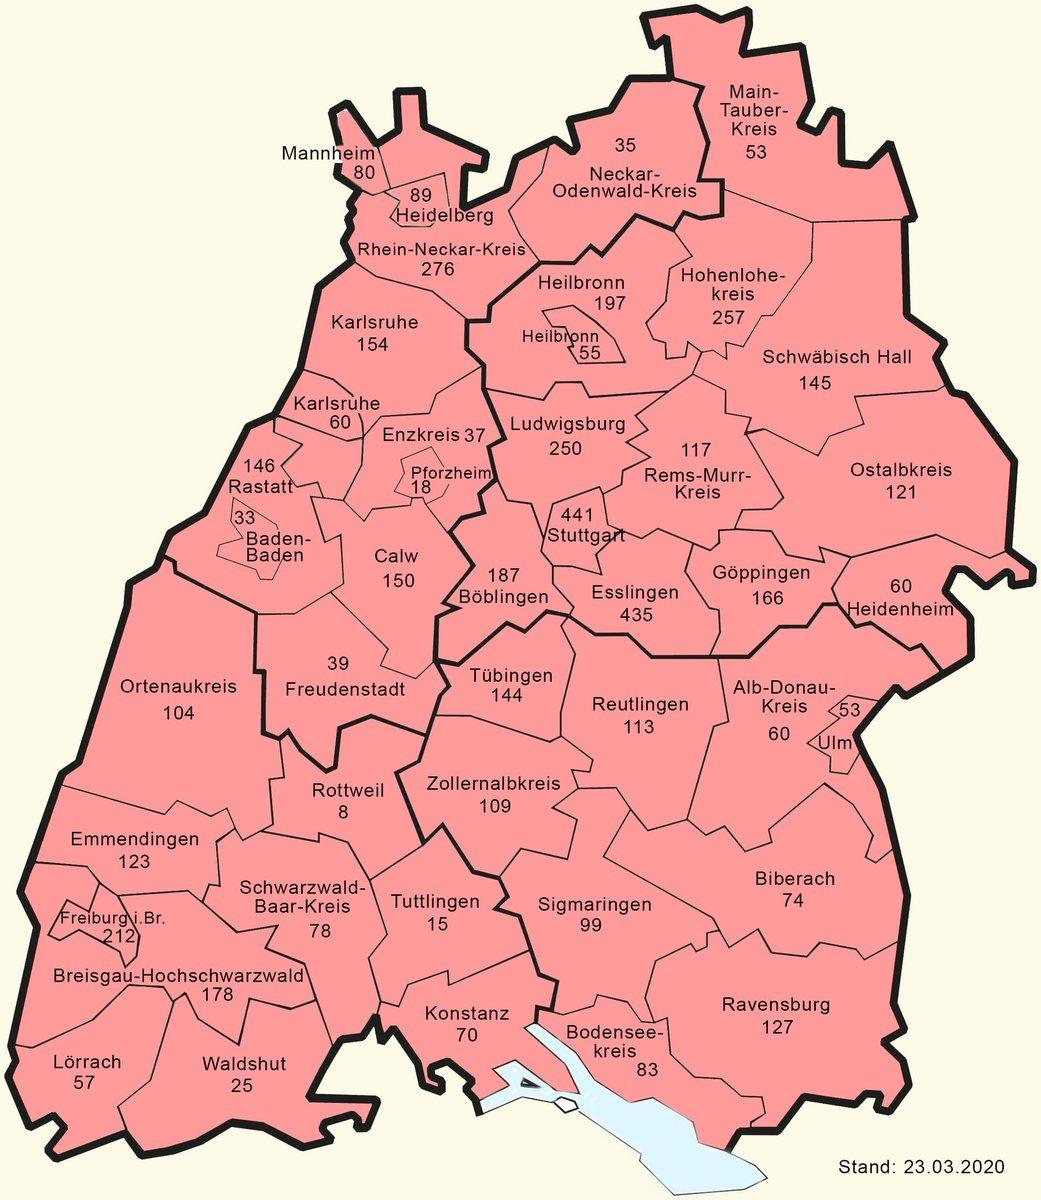 #GoodbyeDeutschland